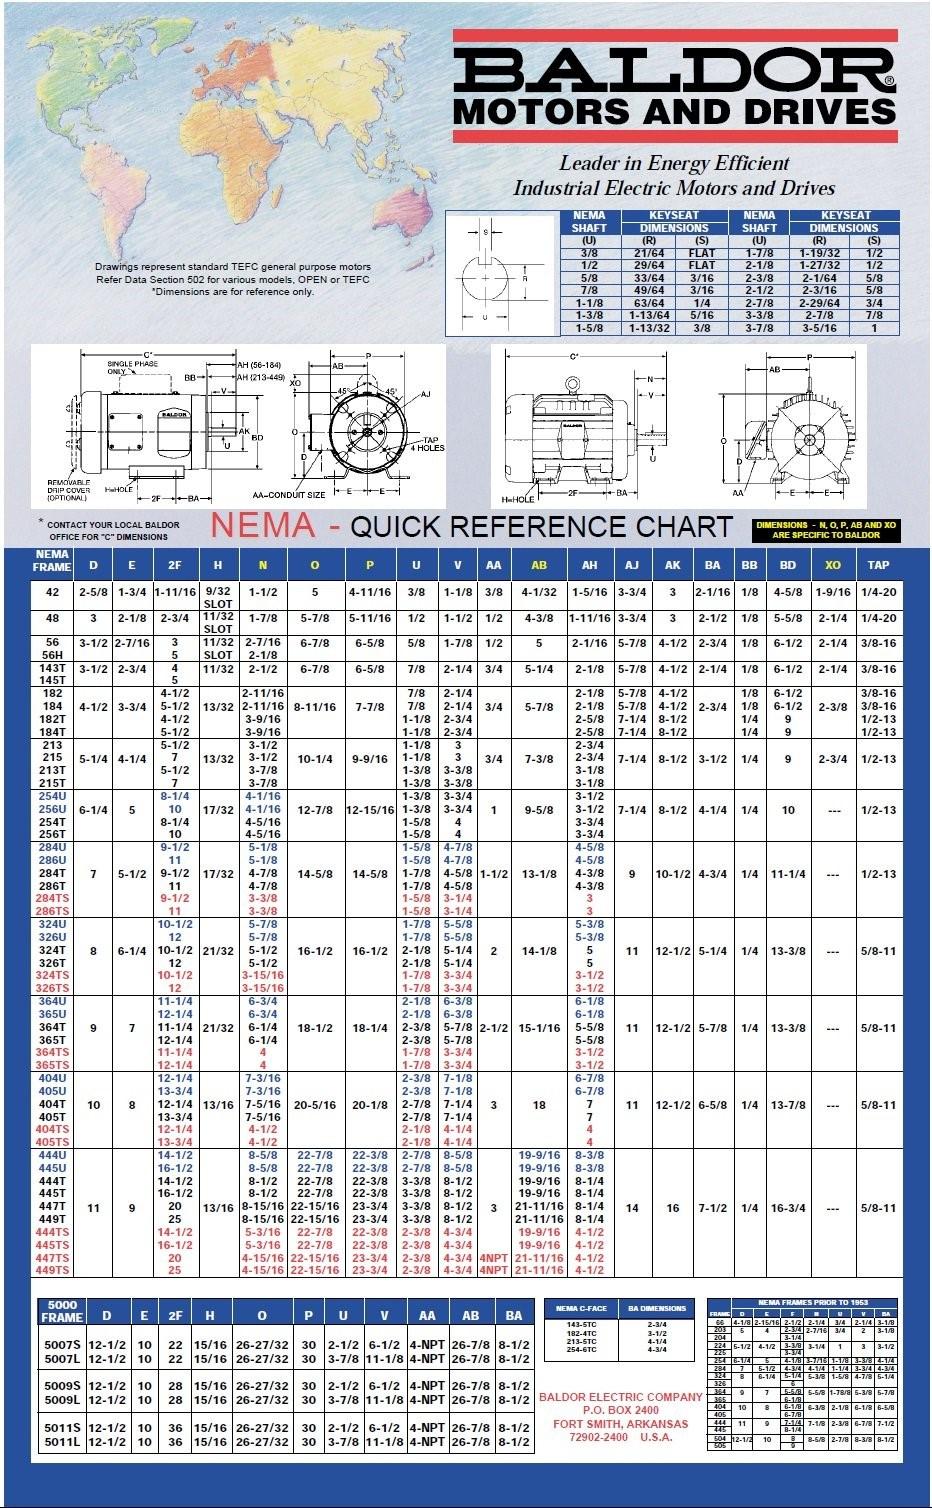 NEMA Quick Reference Chart